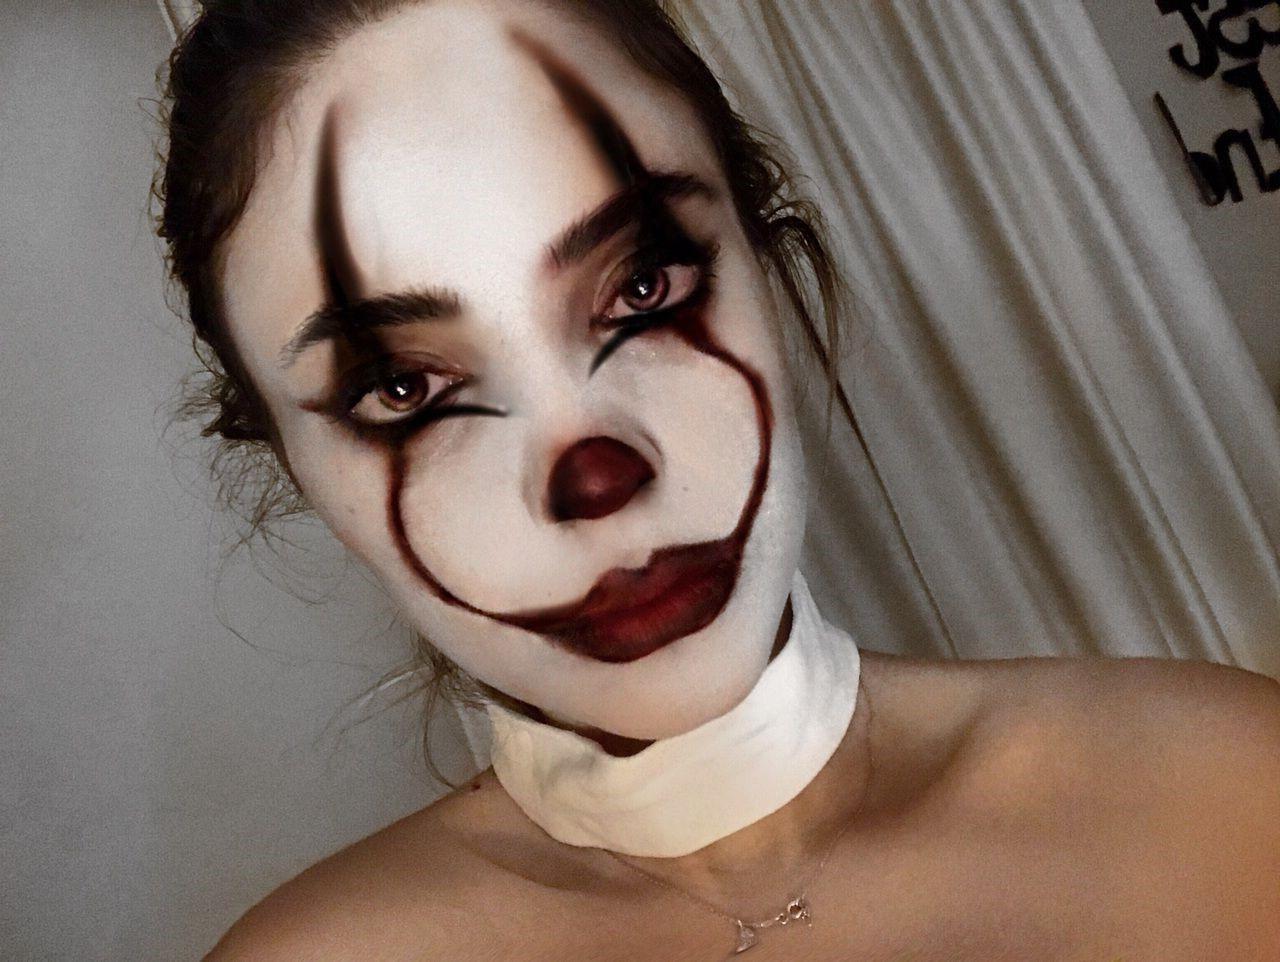 Une autre idée est de créer ce look de clown effrayant.